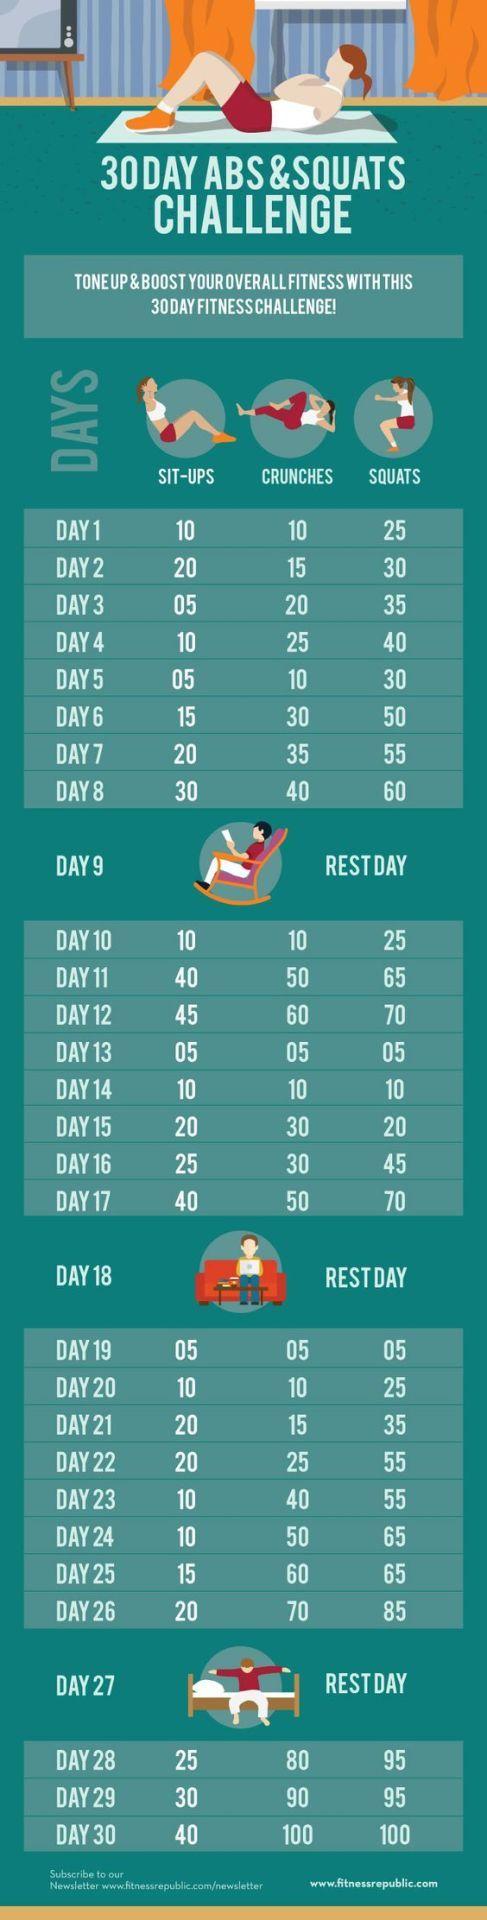 ROBOLIKES — fitnessforevertips: Work it!